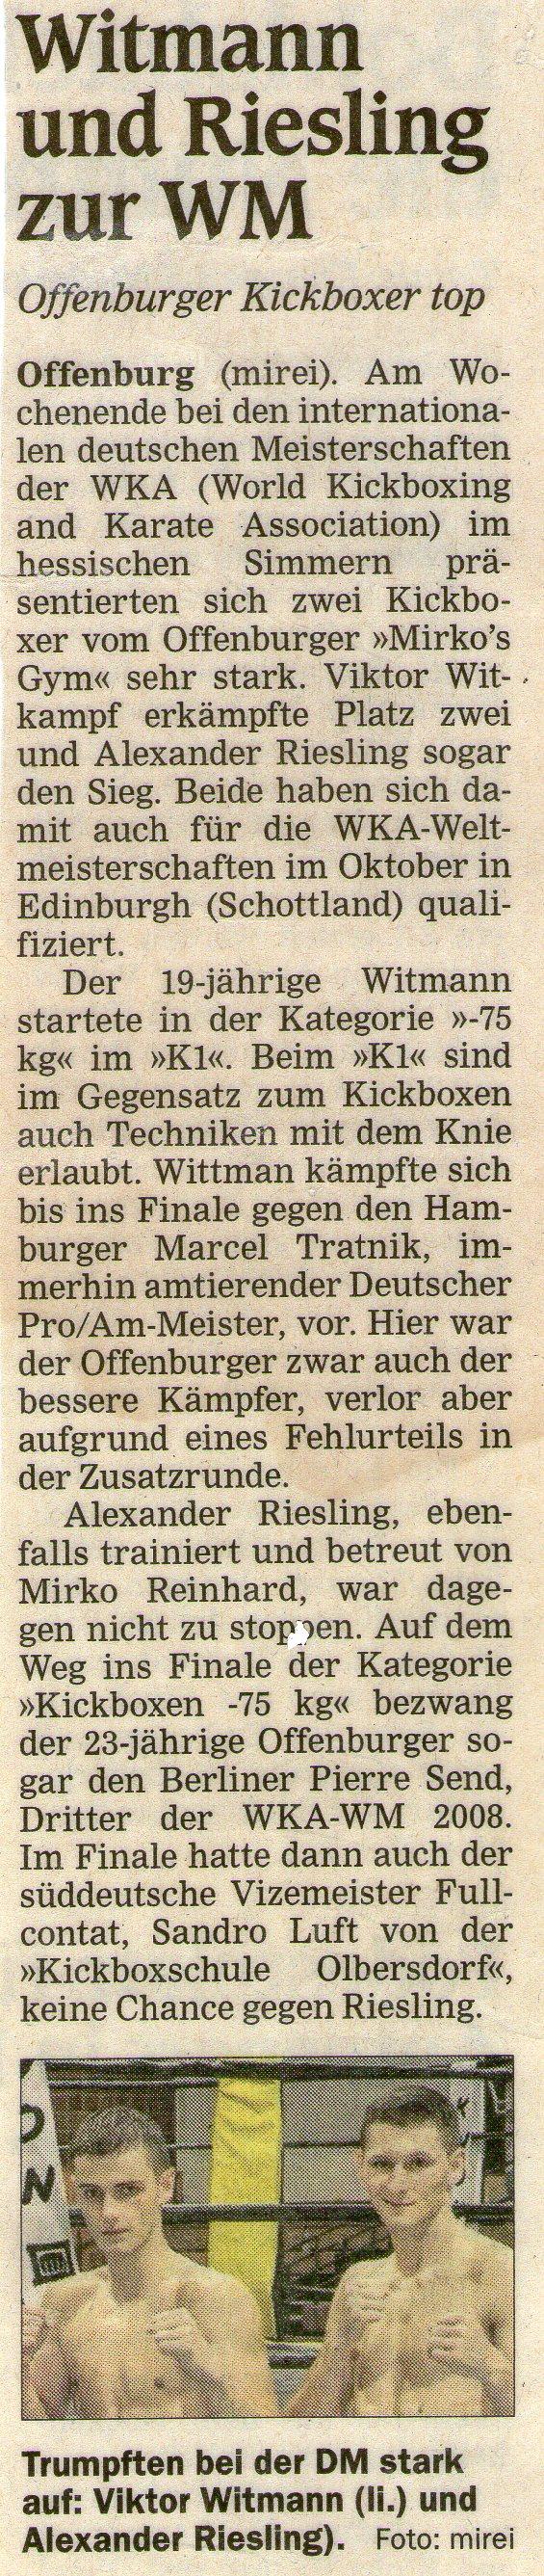 Wittmann und Rissling zur WM